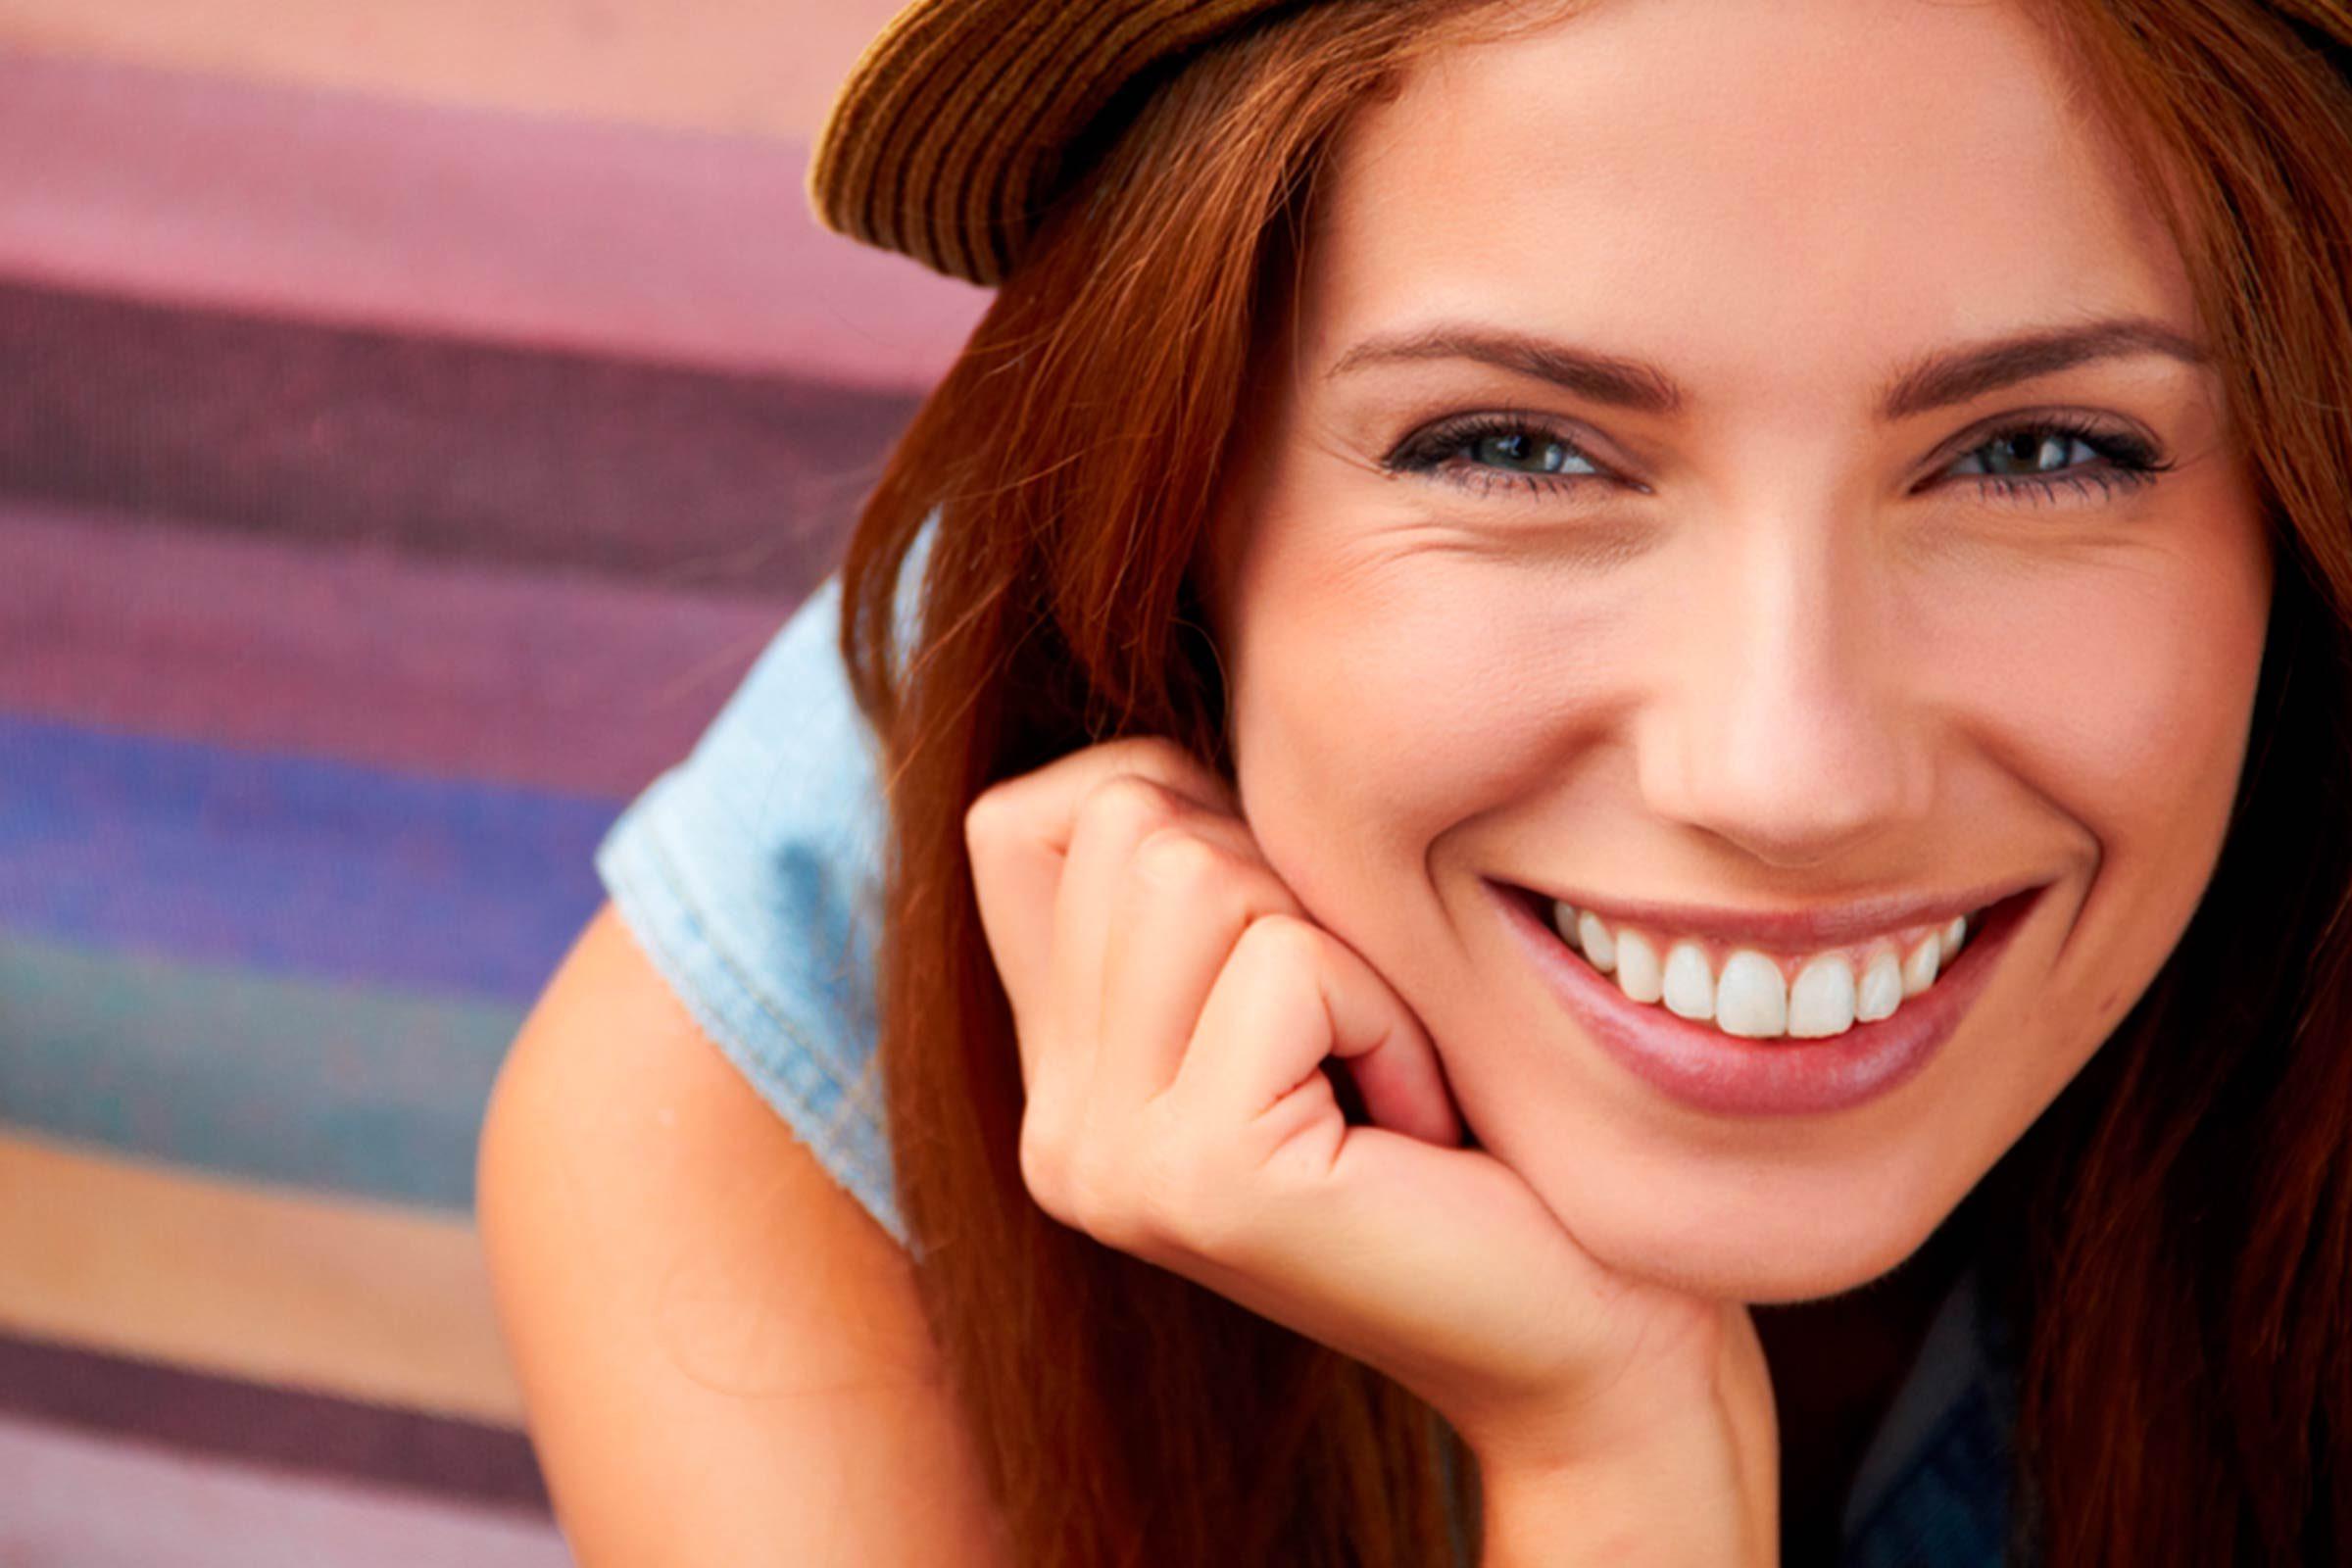 Sourire comment obtenir facilement un sourire parfait for Perfect comment for a picture